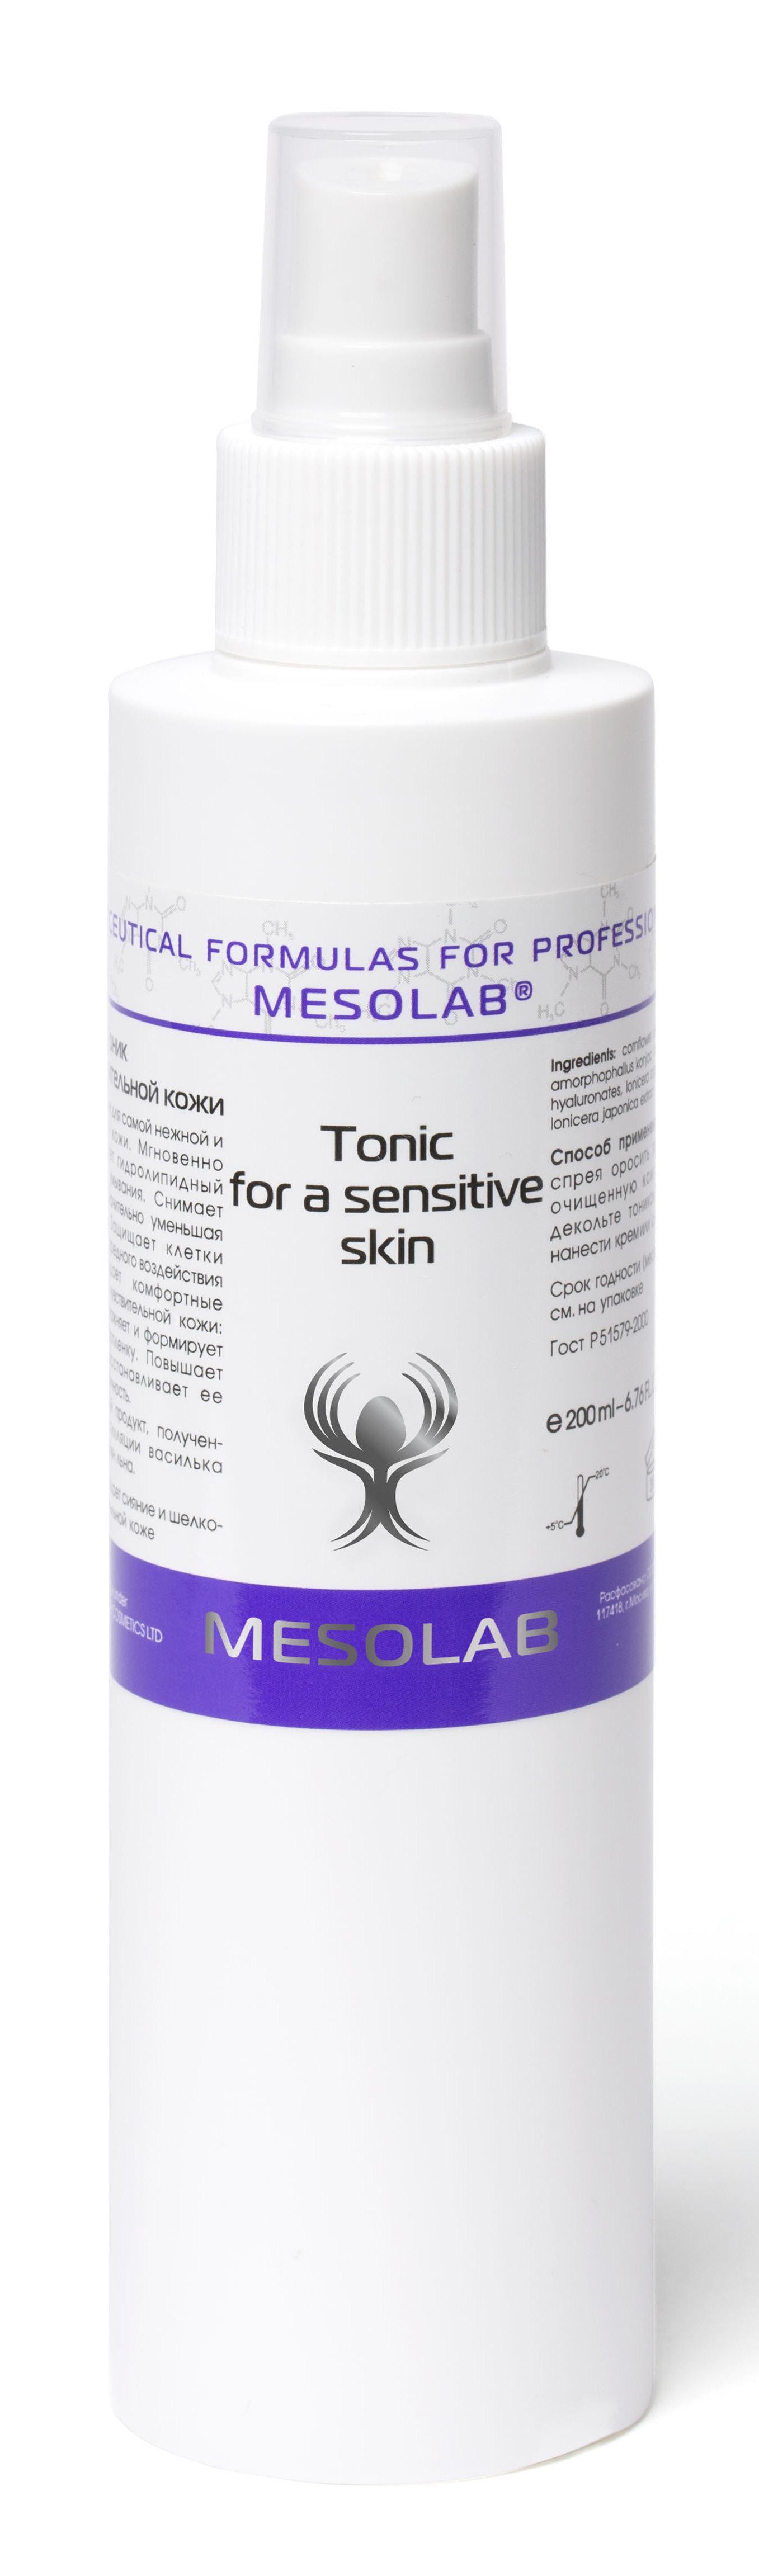 MESOLAB Тоник для чувствительной кожи / TONIC FOR A SENSITIVE SKIN 200 мл